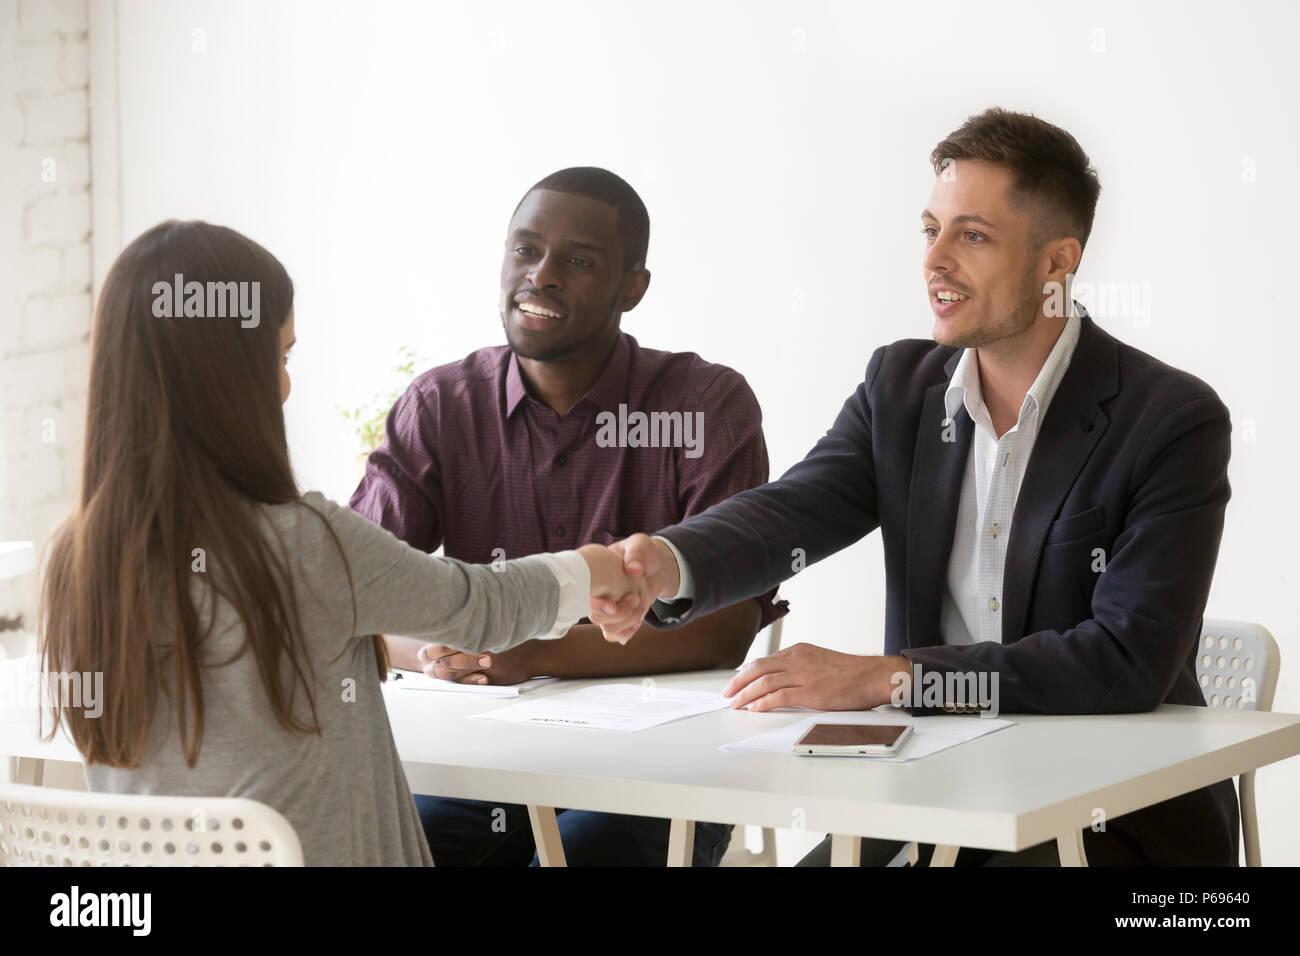 Multiethnischen Arbeitgeber Gruß weibliche Bewerber mit handsha Stockbild